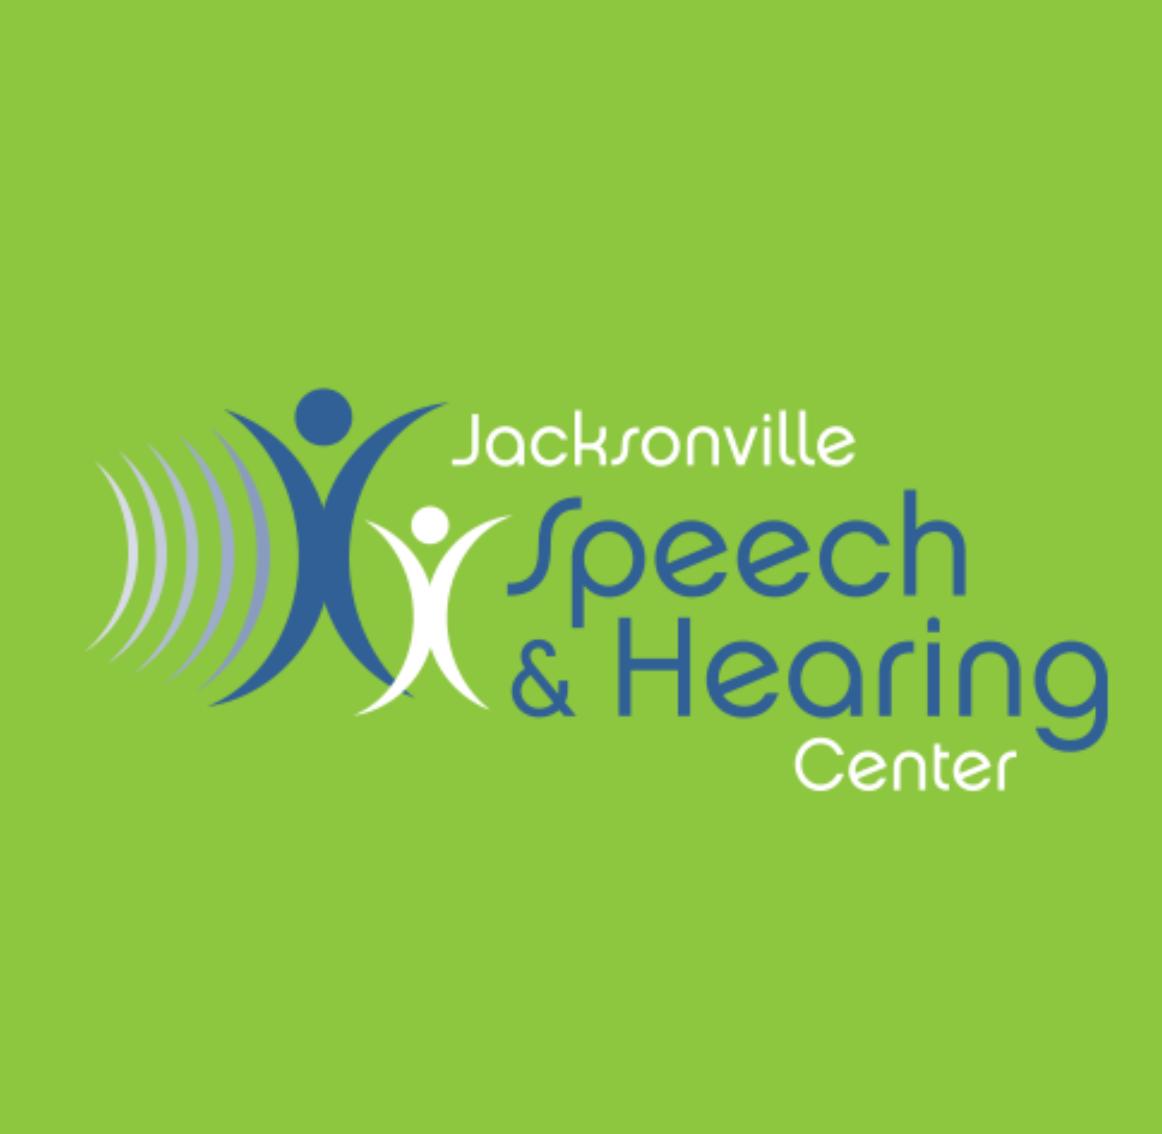 Jacksonville Speech & Hearing Center - Jacksonville, FL